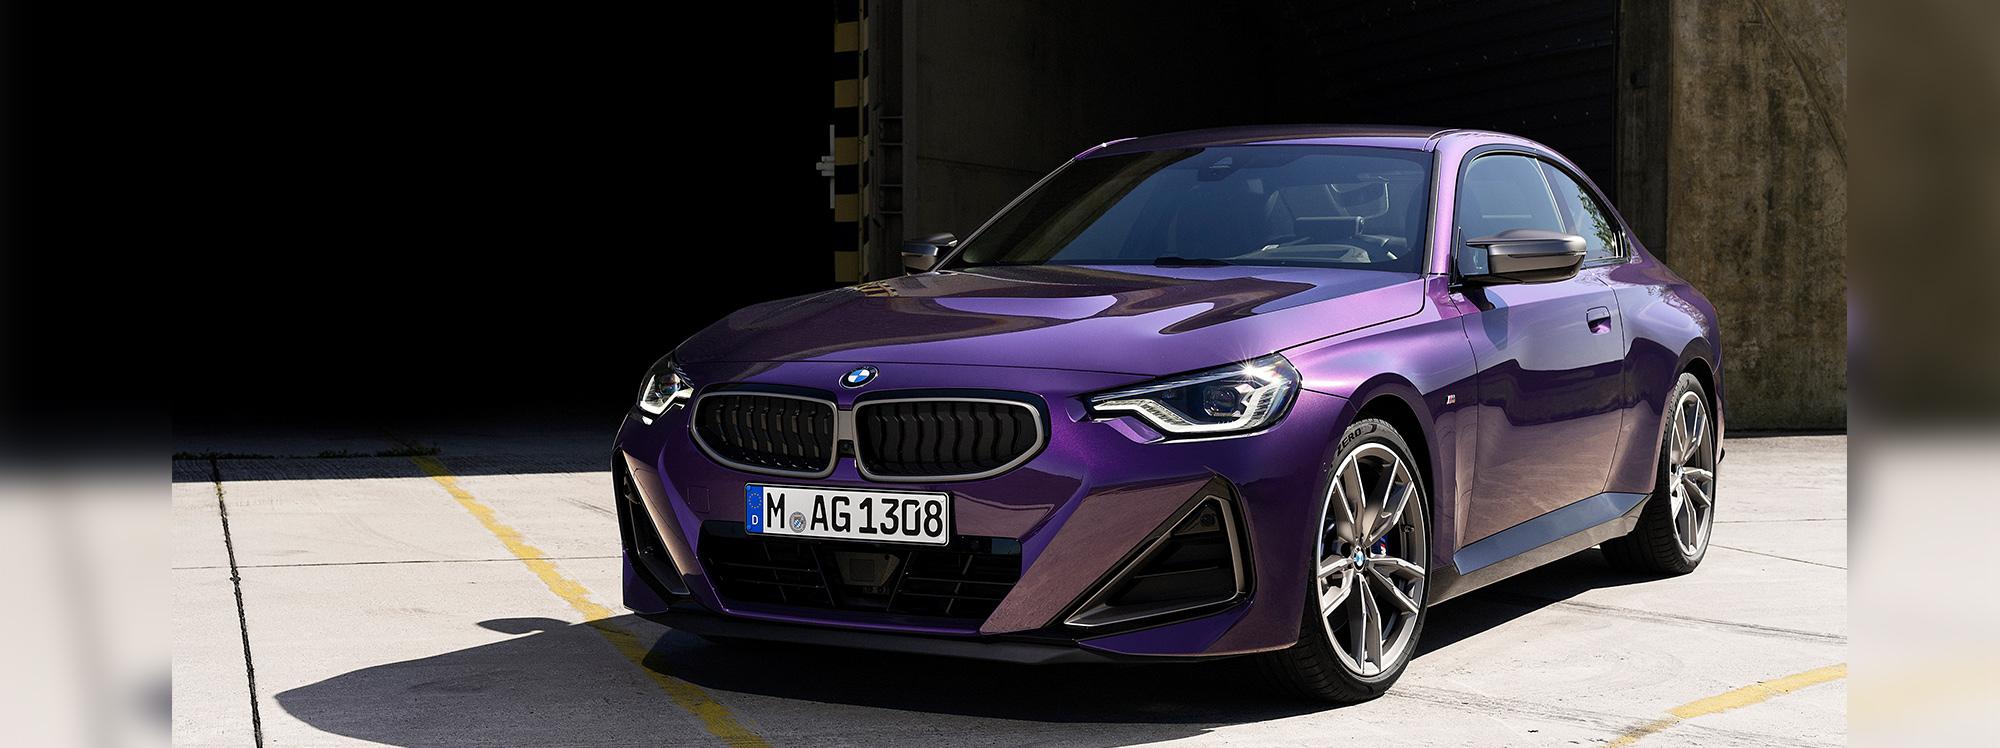 BMW Serie 2 Coupé: un nuevo capítulo en la tradición superdeportiva